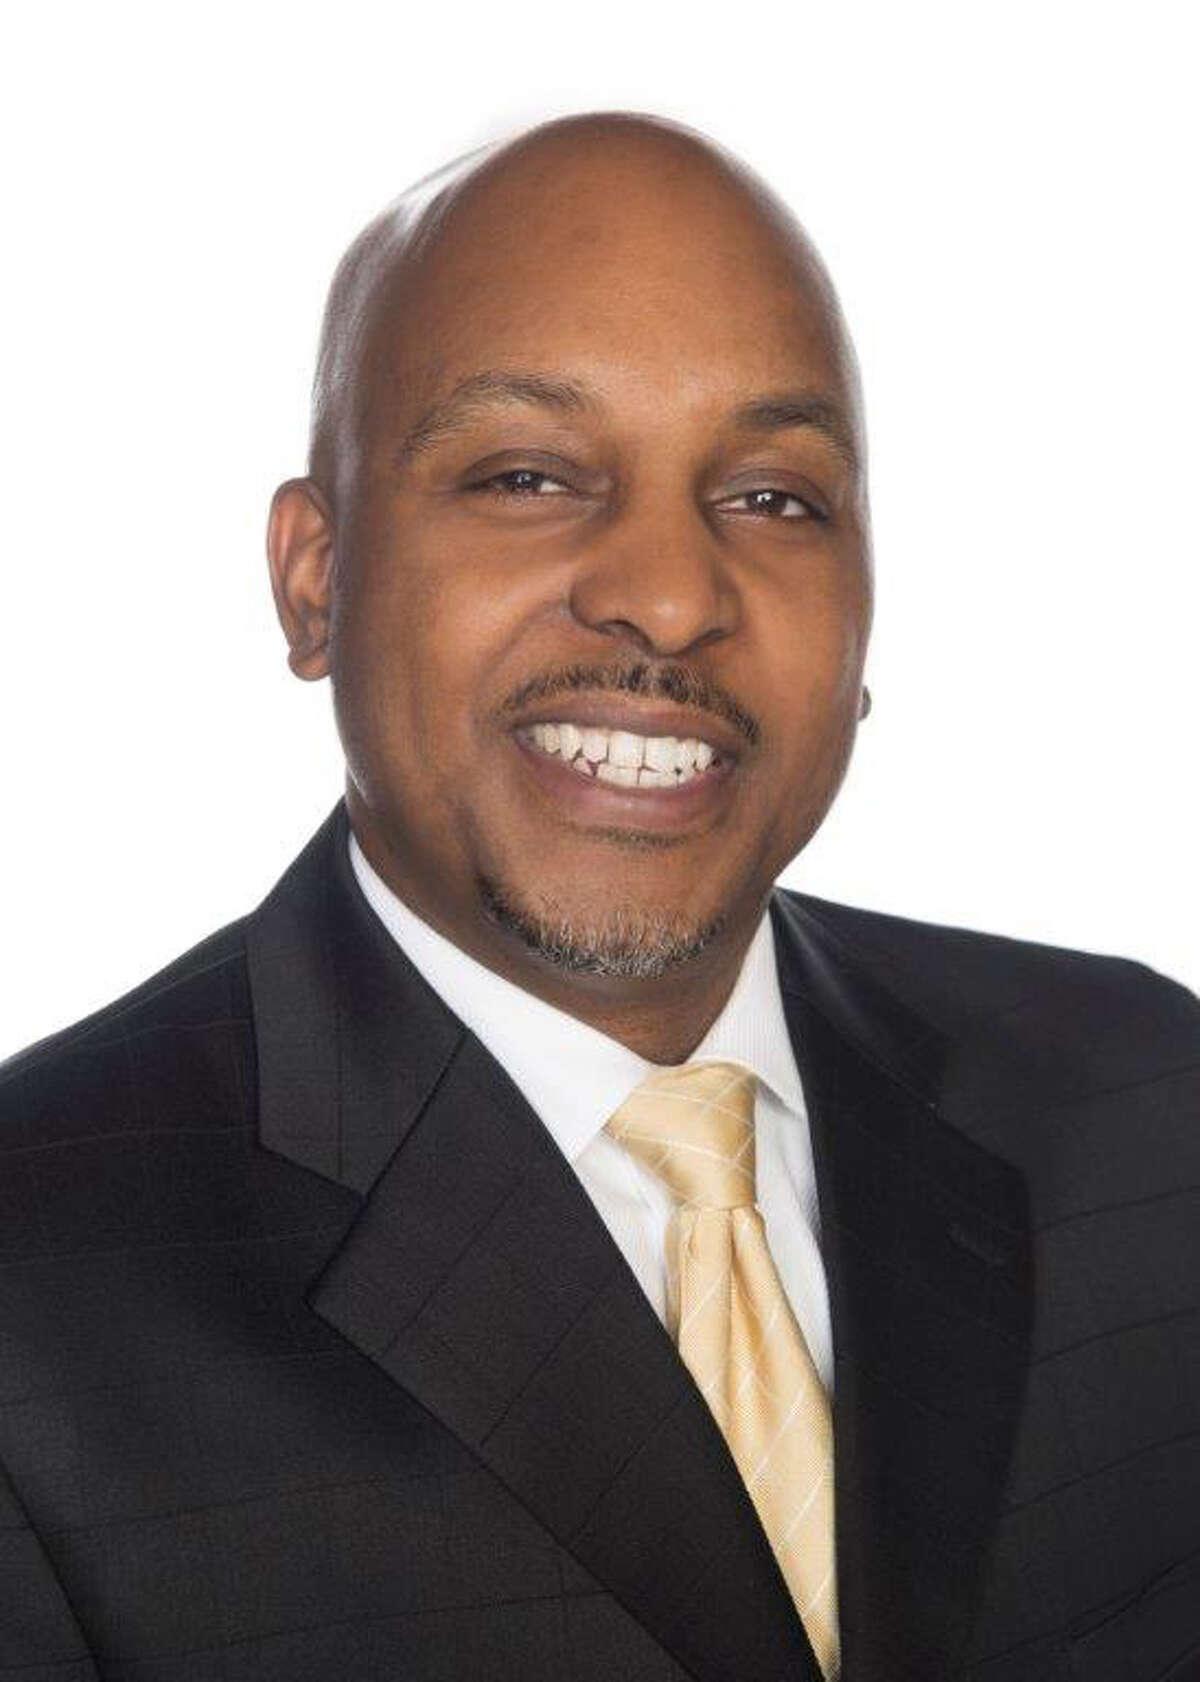 Gold Financial Services loan officer Maurice Matthews